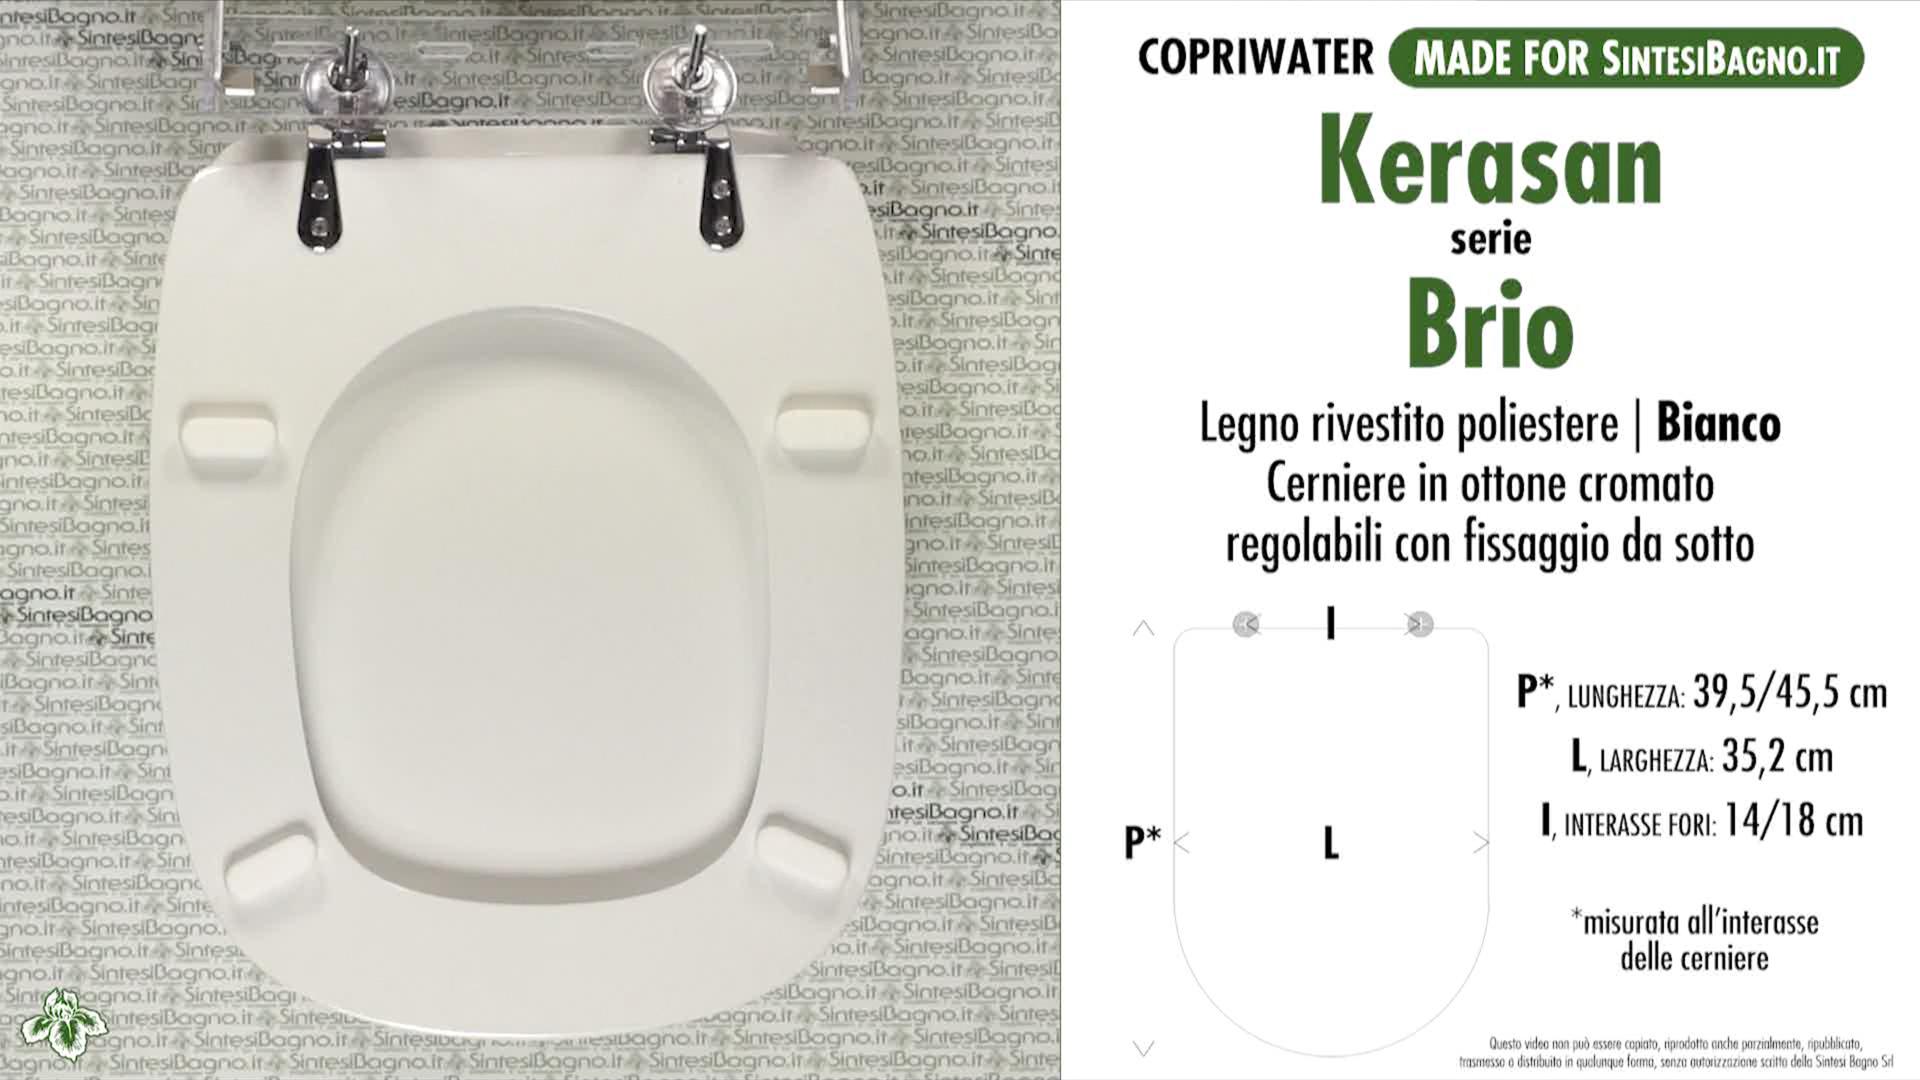 SCHEDA TECNICA MISURE copriwater KERASAN BRIO